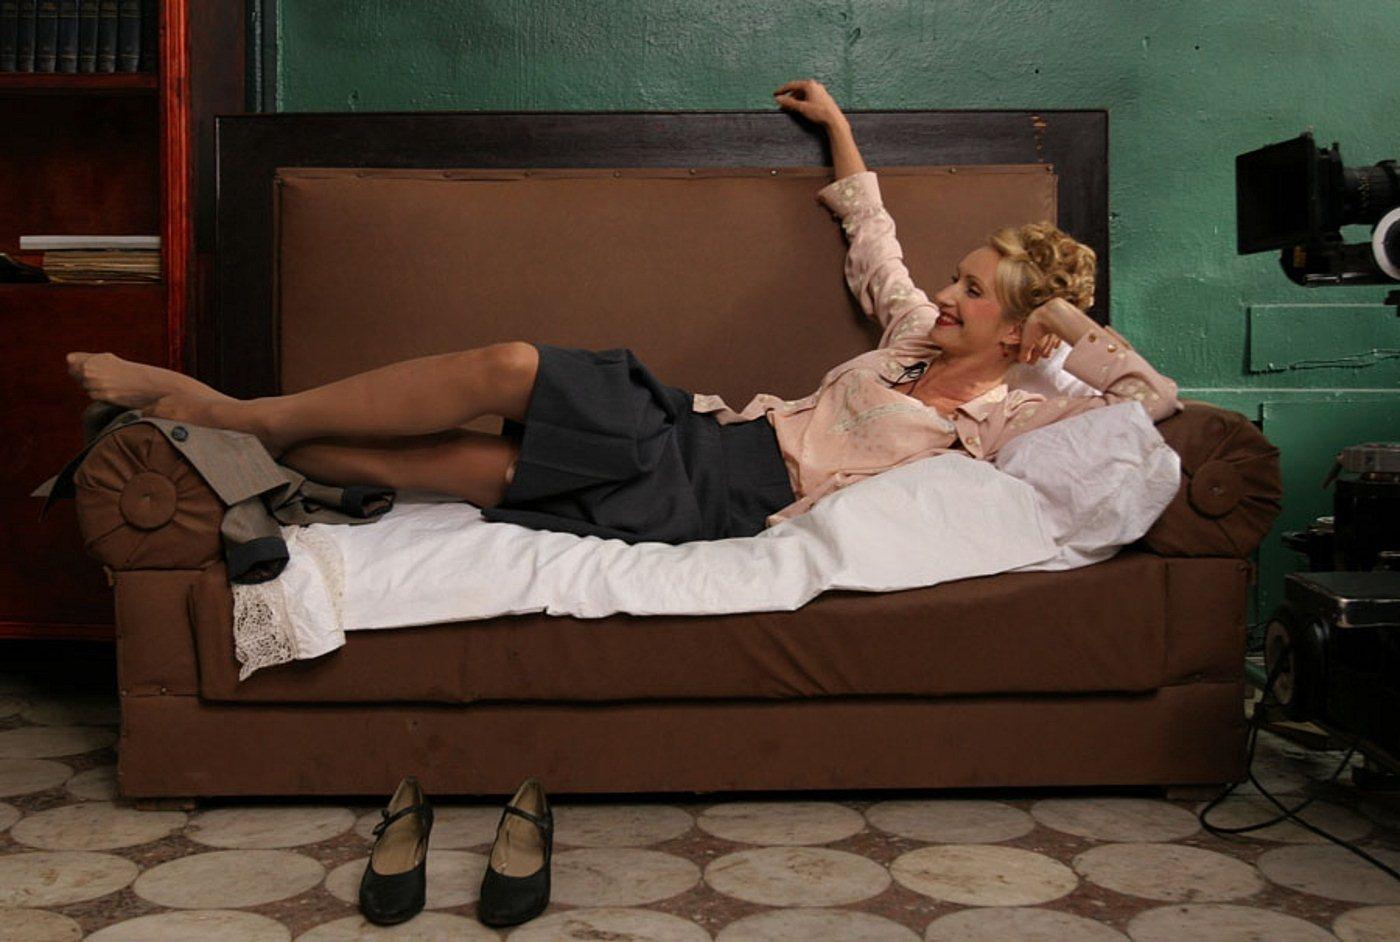 Секс с секретаршей из к/ф солдат иван чонкин 3 фотография